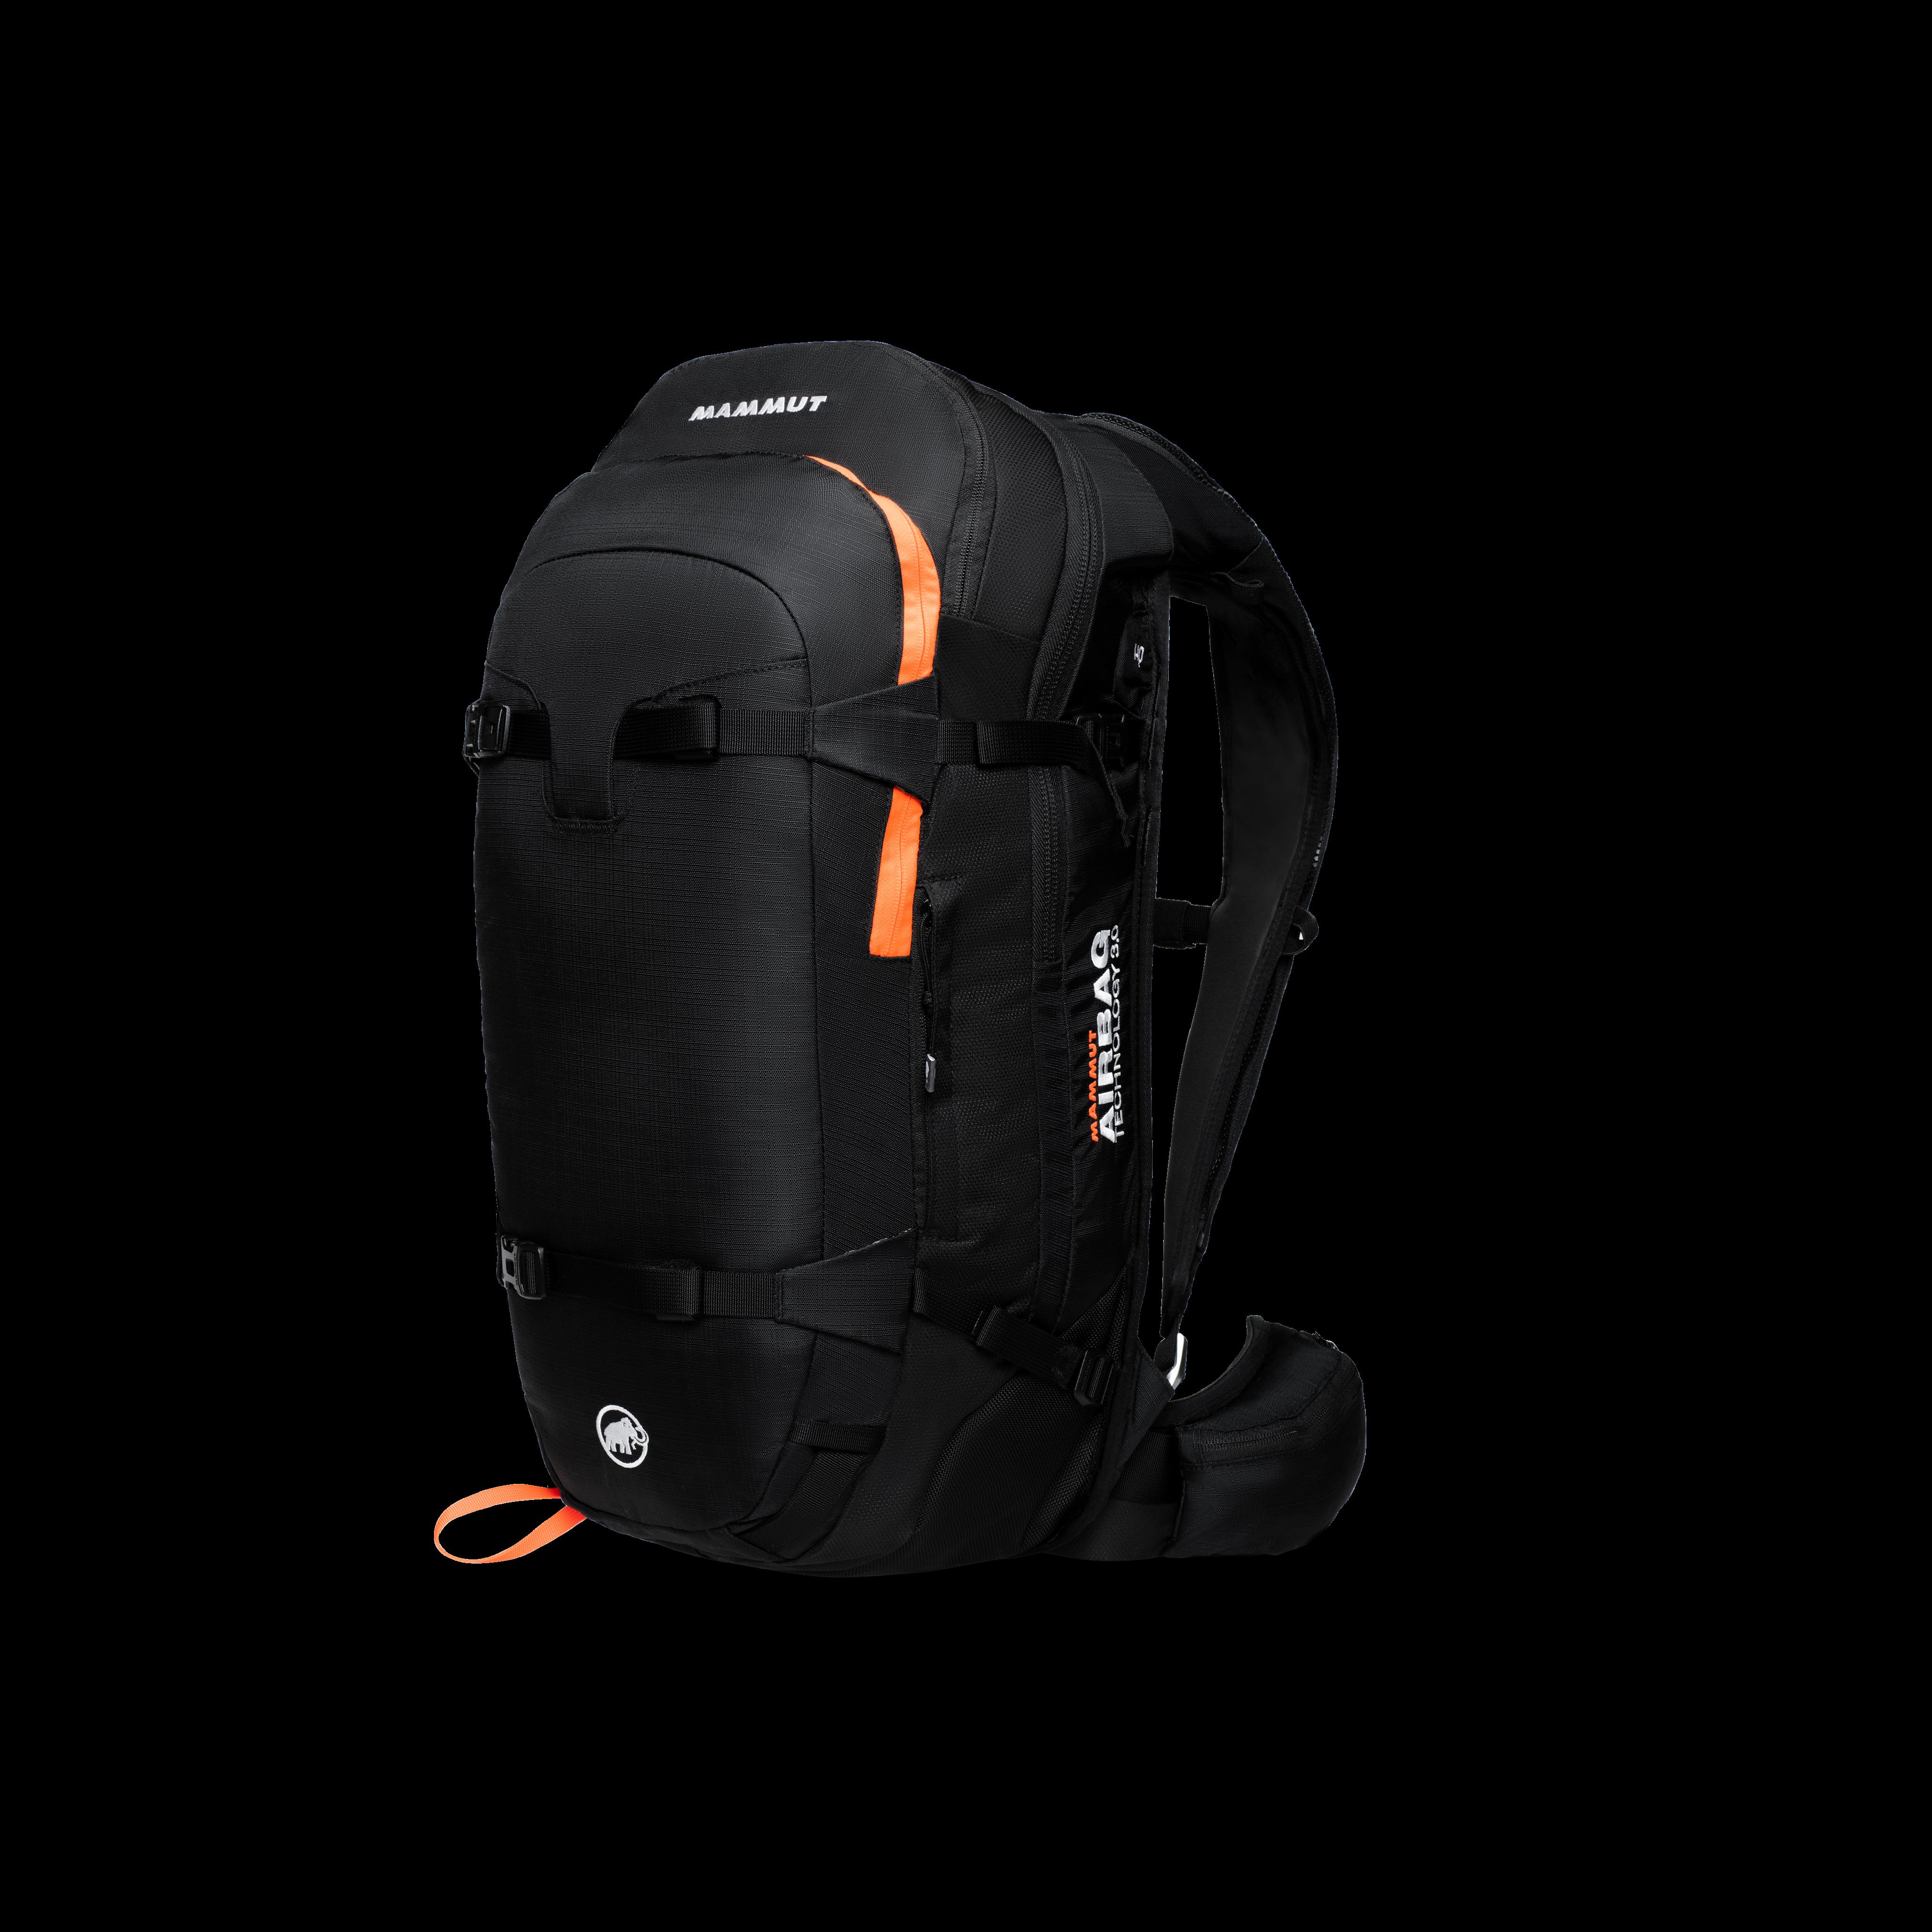 Pro Protection Airbag 3.0 - 35 L, black-vibrant orange thumbnail